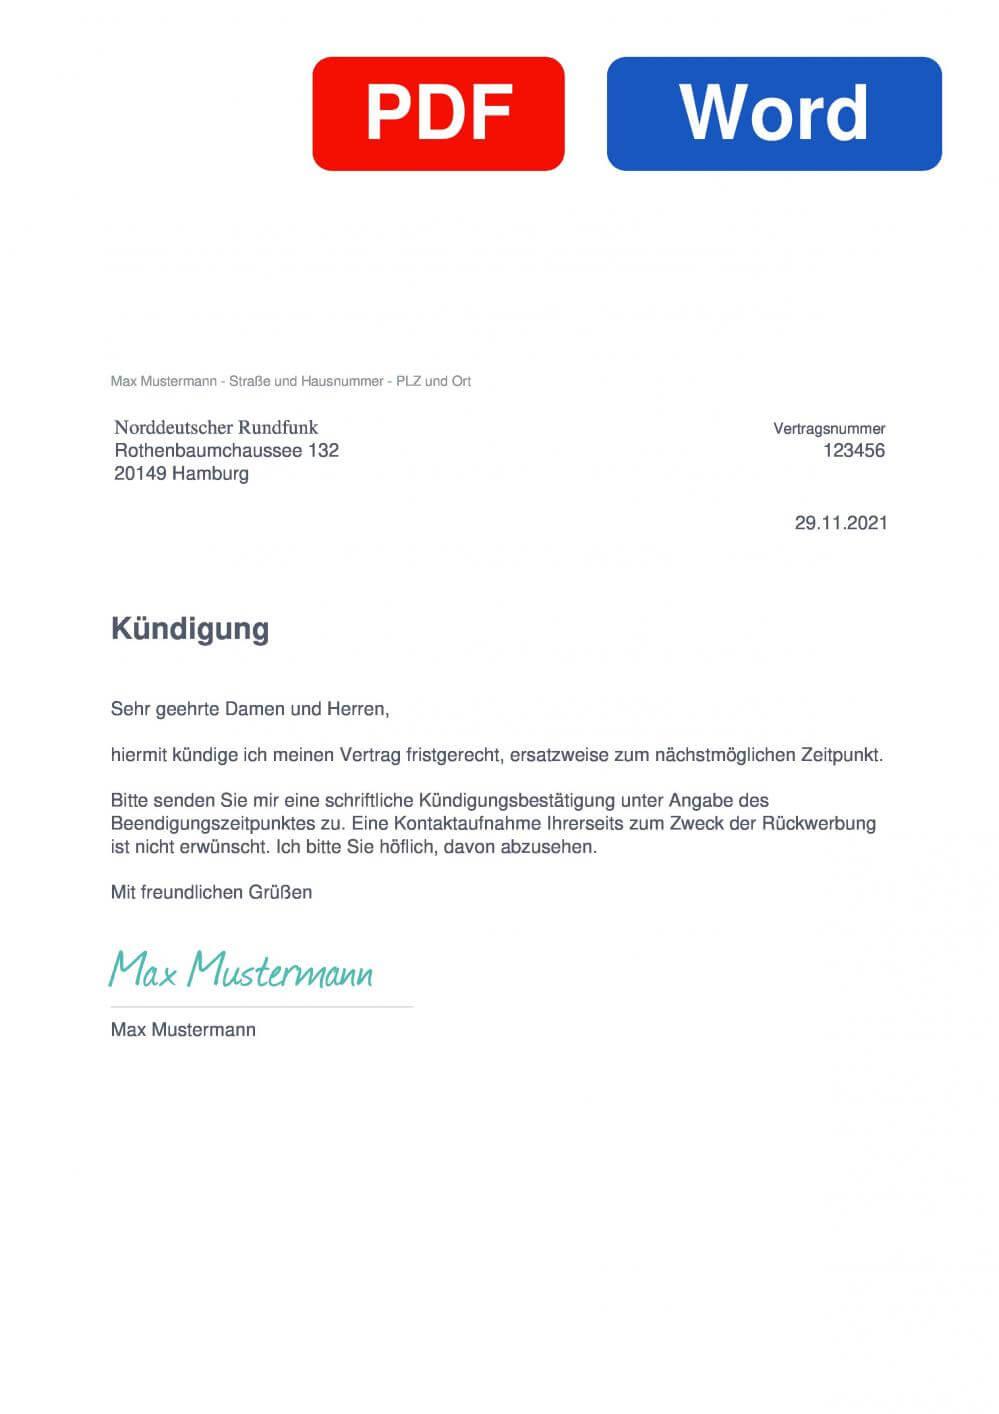 Norddeutscher Rundfunk Muster Vorlage für Kündigungsschreiben